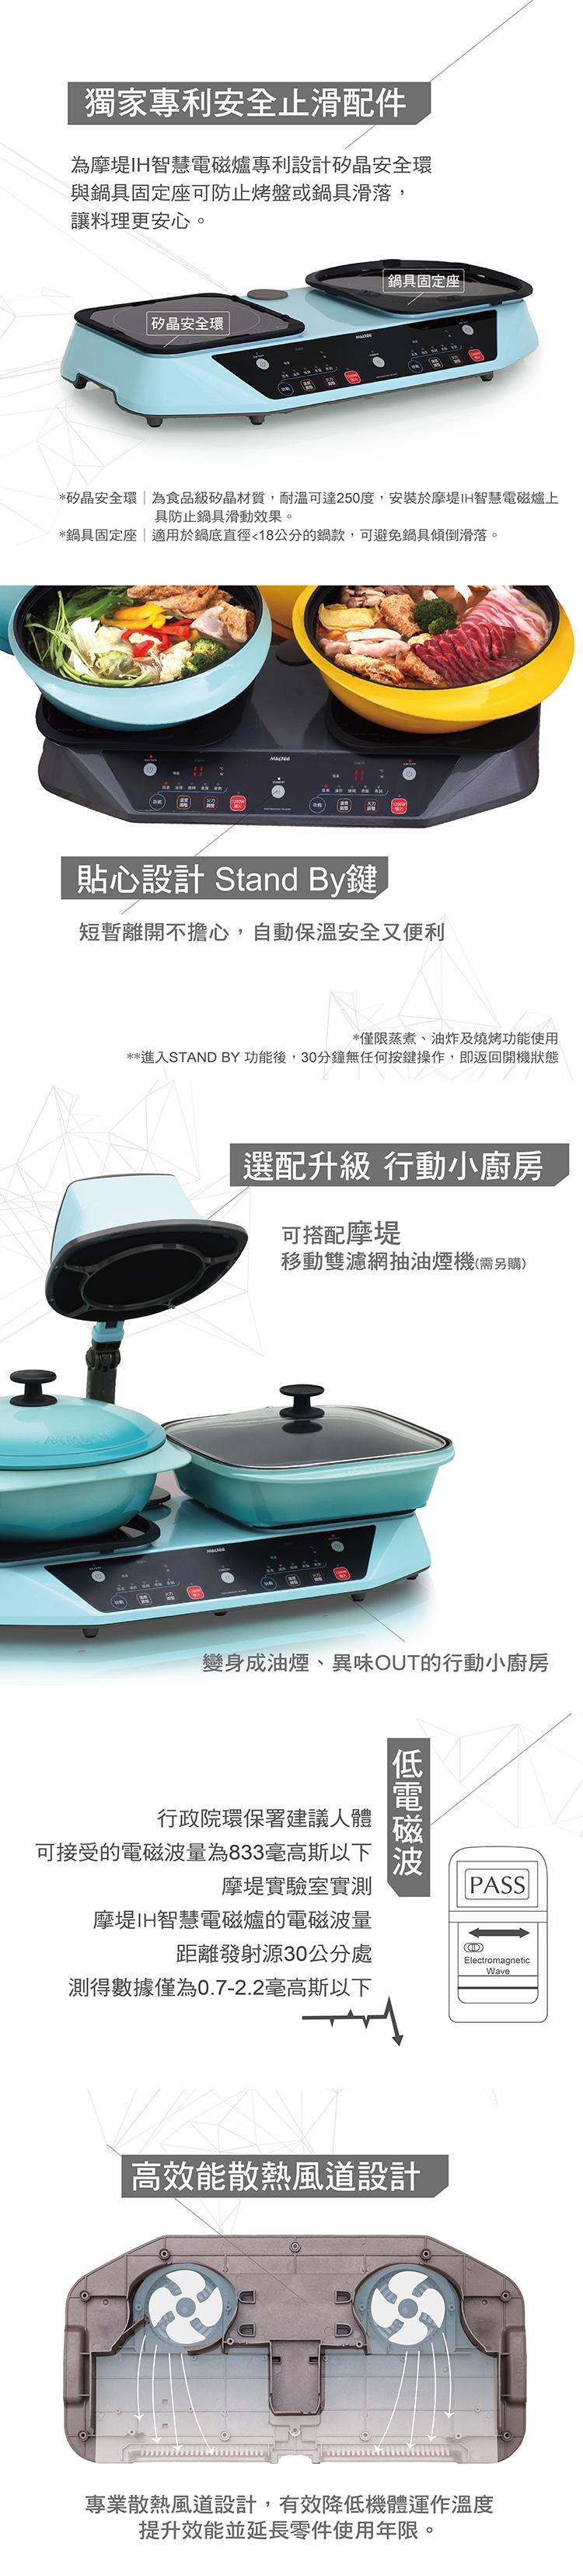 750-雙享爐網頁版-產品介紹+部落客 (4).jpg